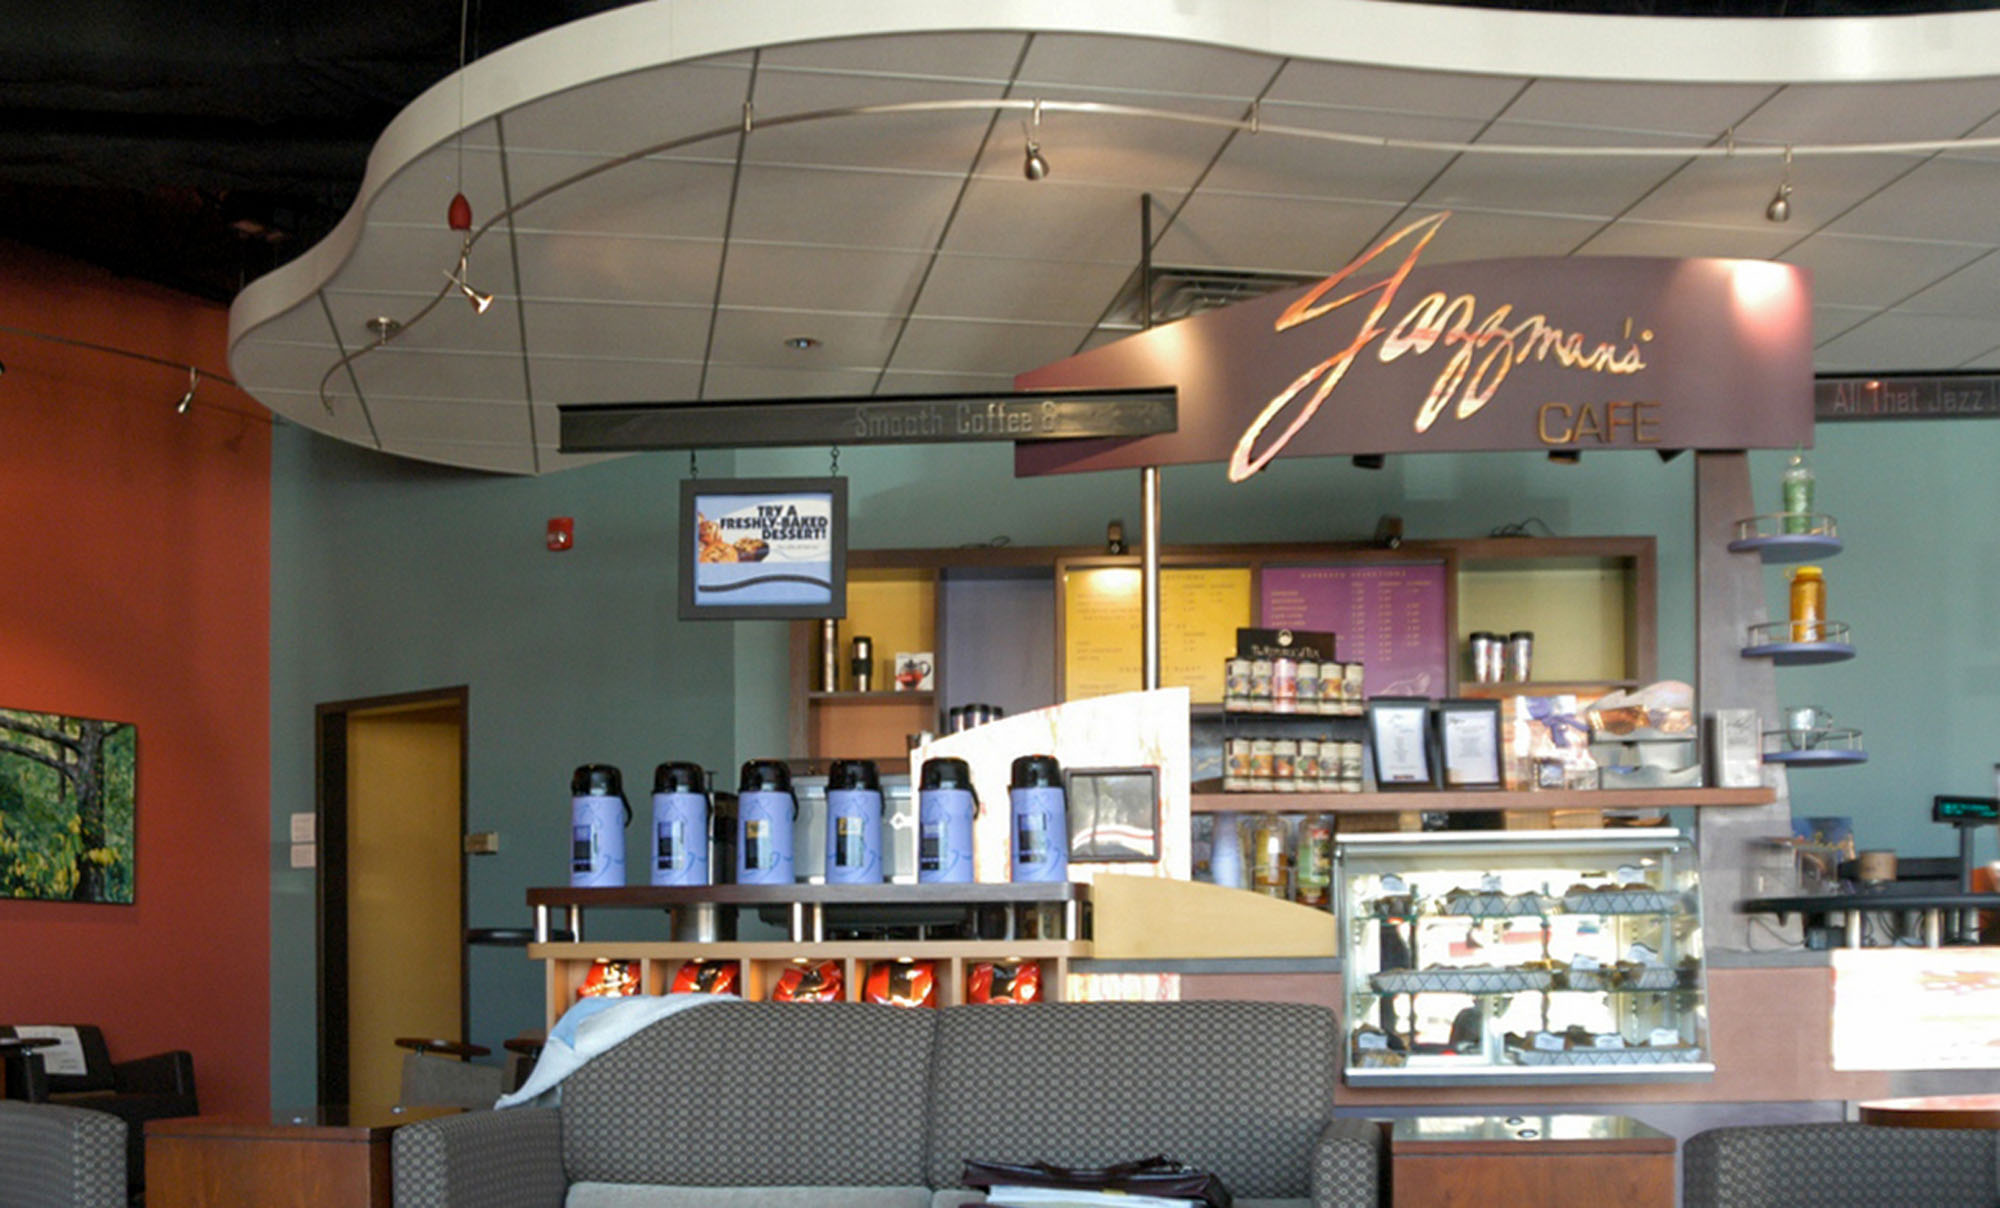 ASU-Hardwired-Cafe-03.jpg